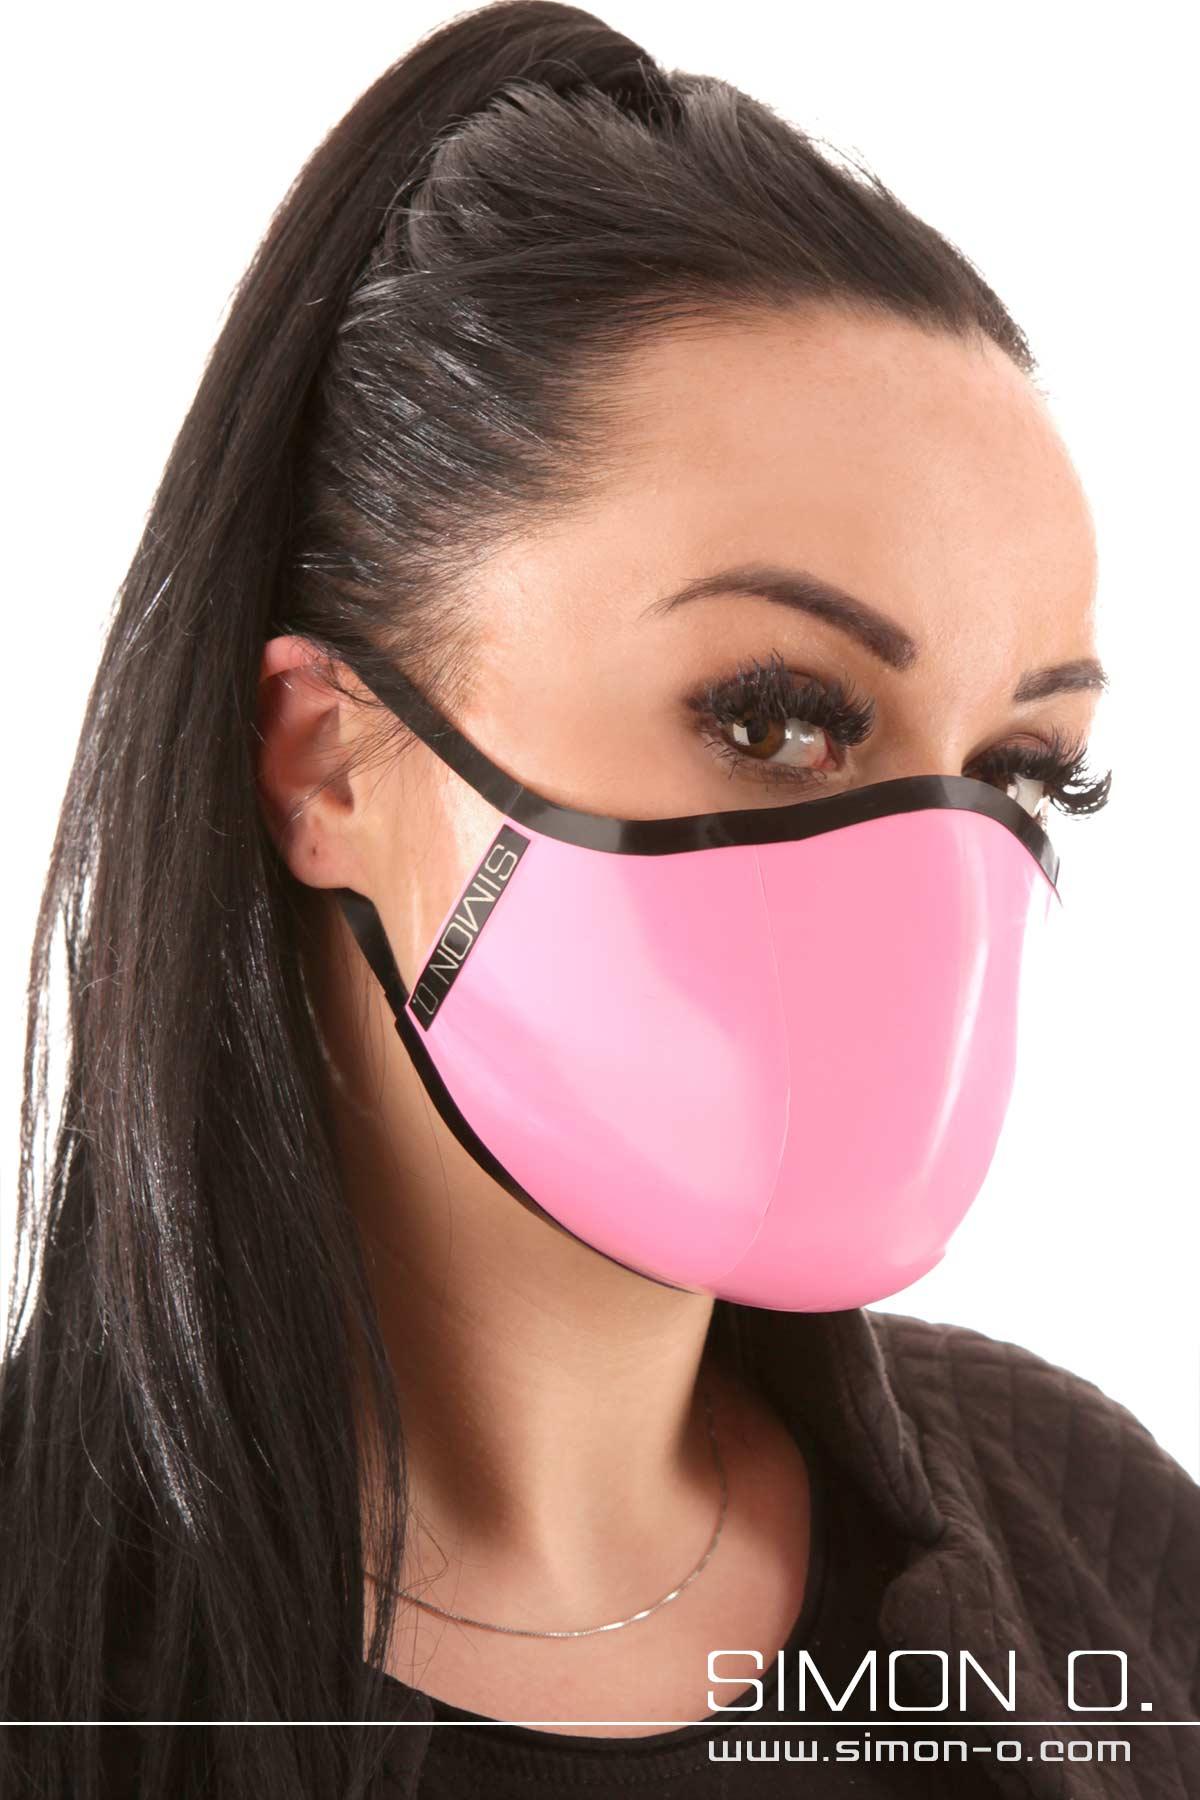 Eine dunkelhaarige Frau trägt einen Latex Mundschutz in Pink mit Schwarz